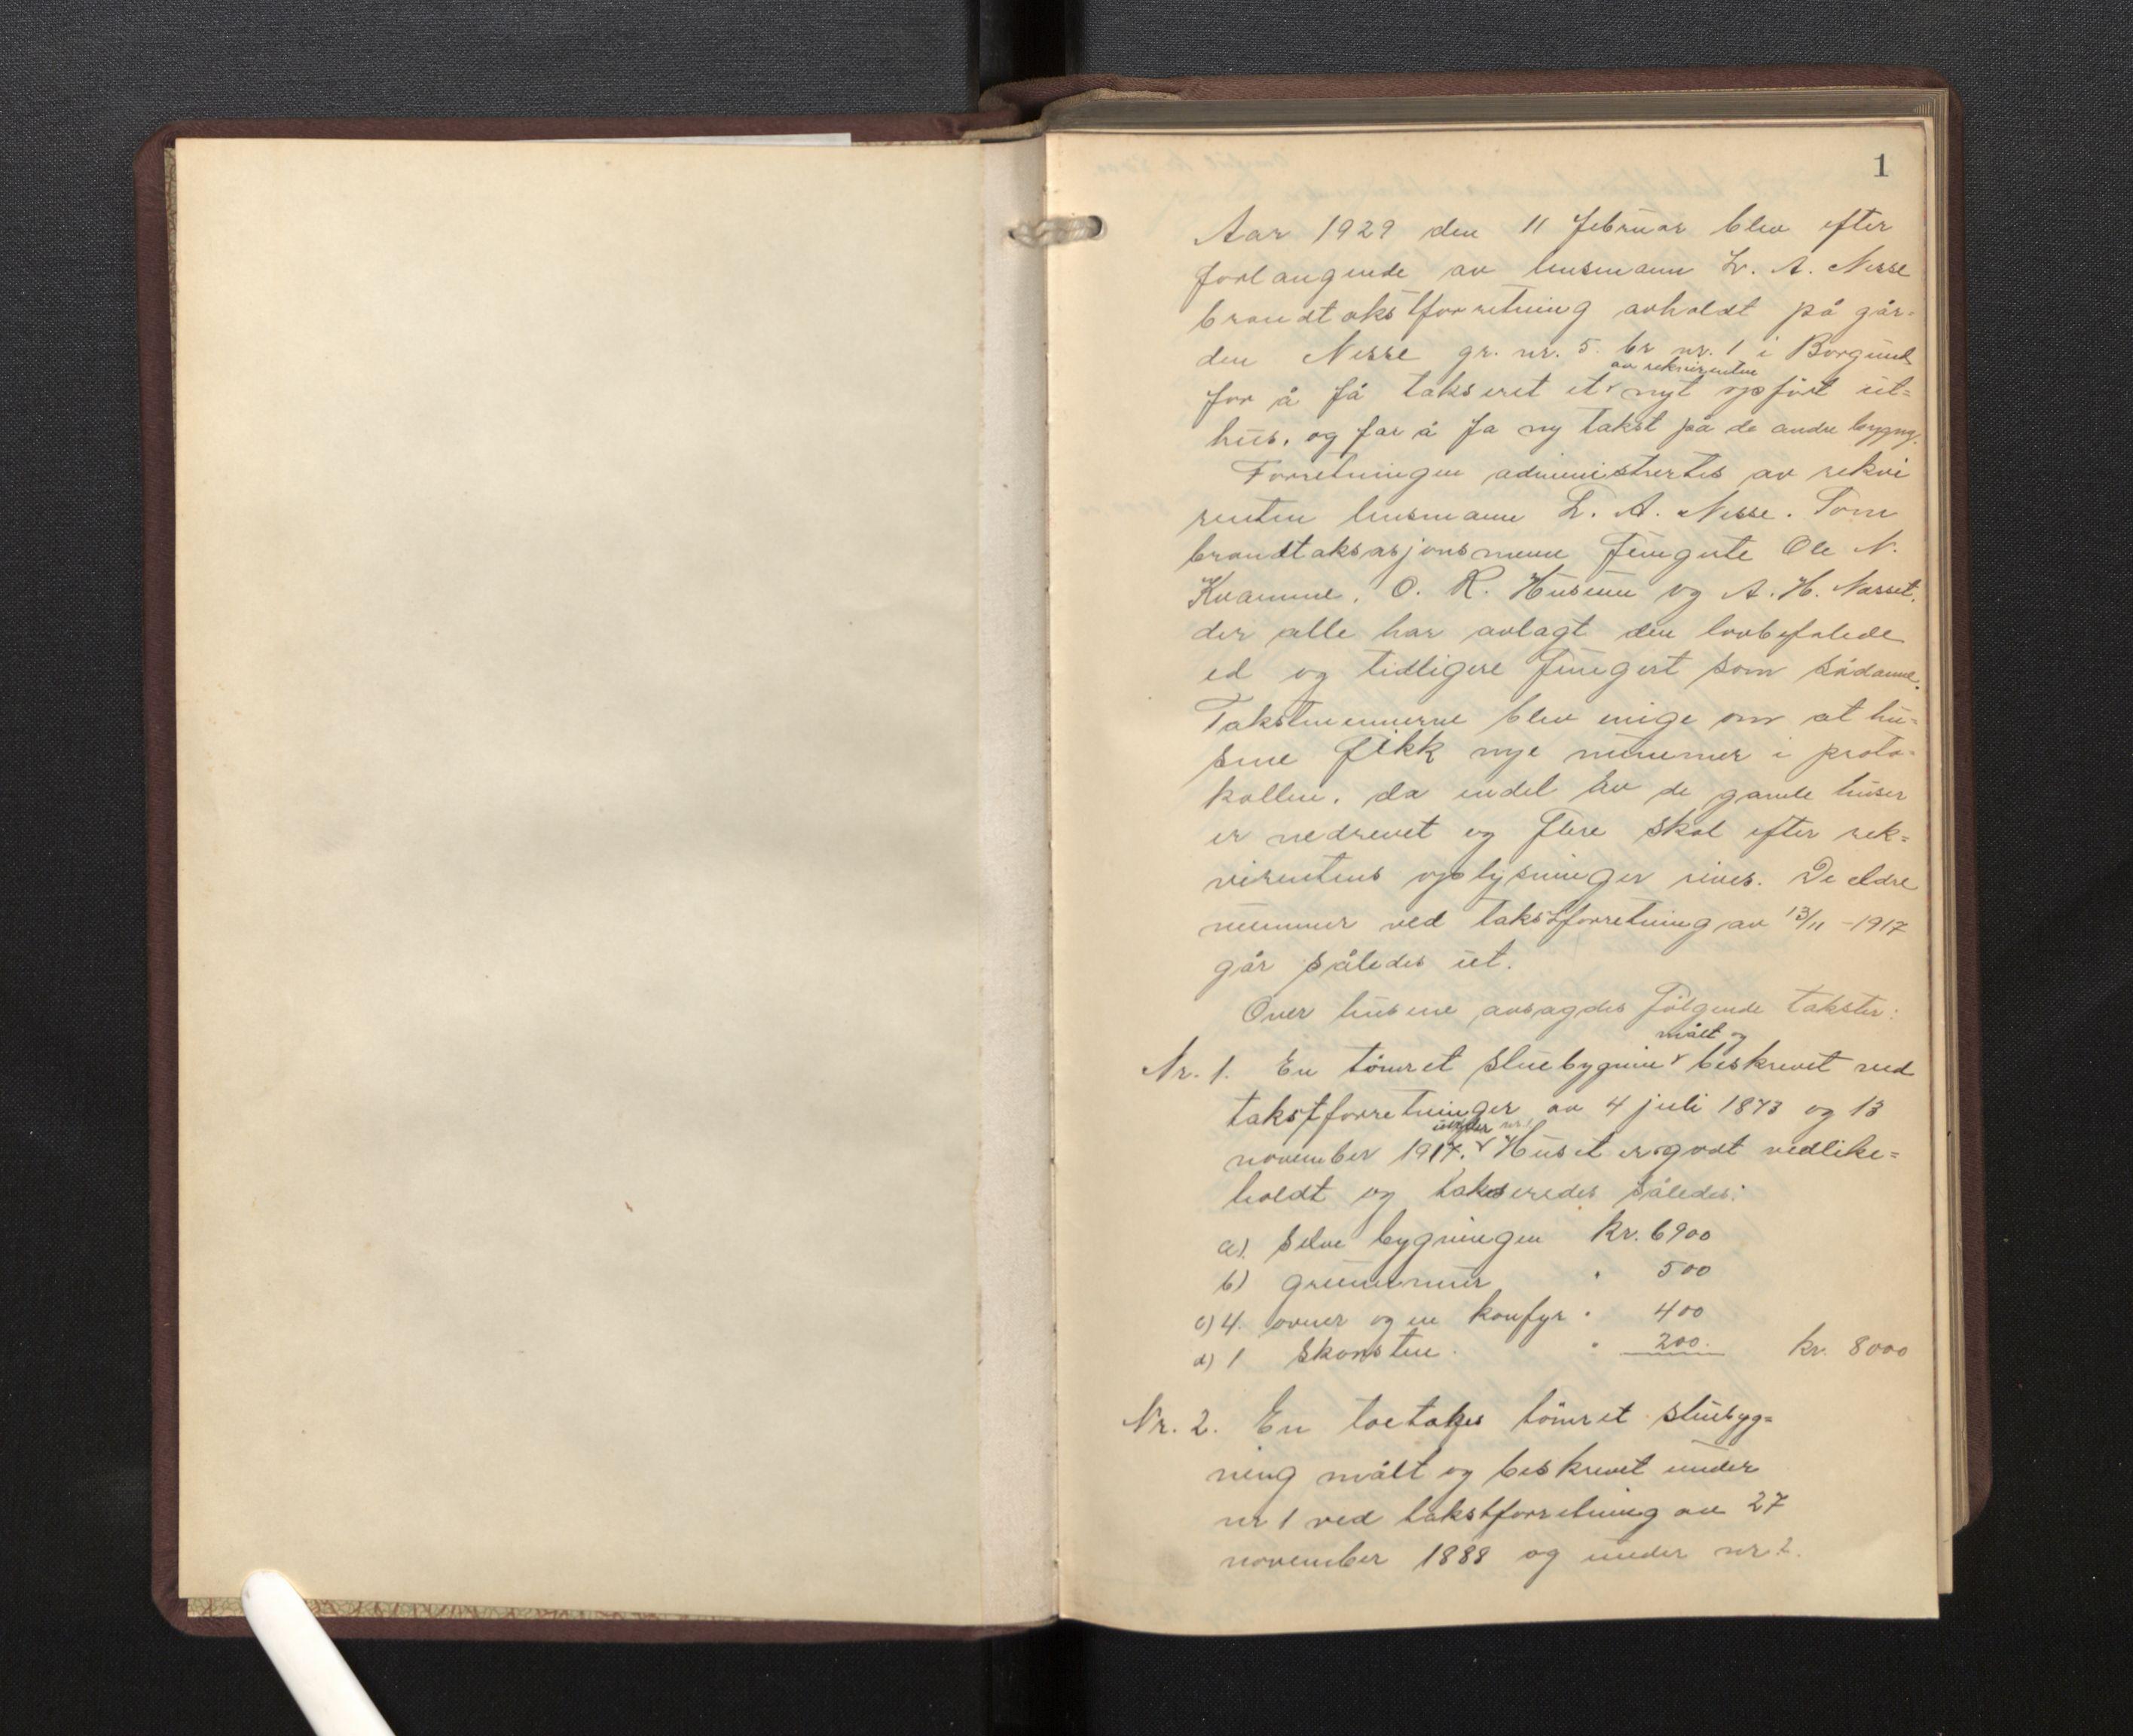 SAB, Lensmannen i Borgund, 0012/L0002: Branntakstprotokoll, 1929-1933, s. 1